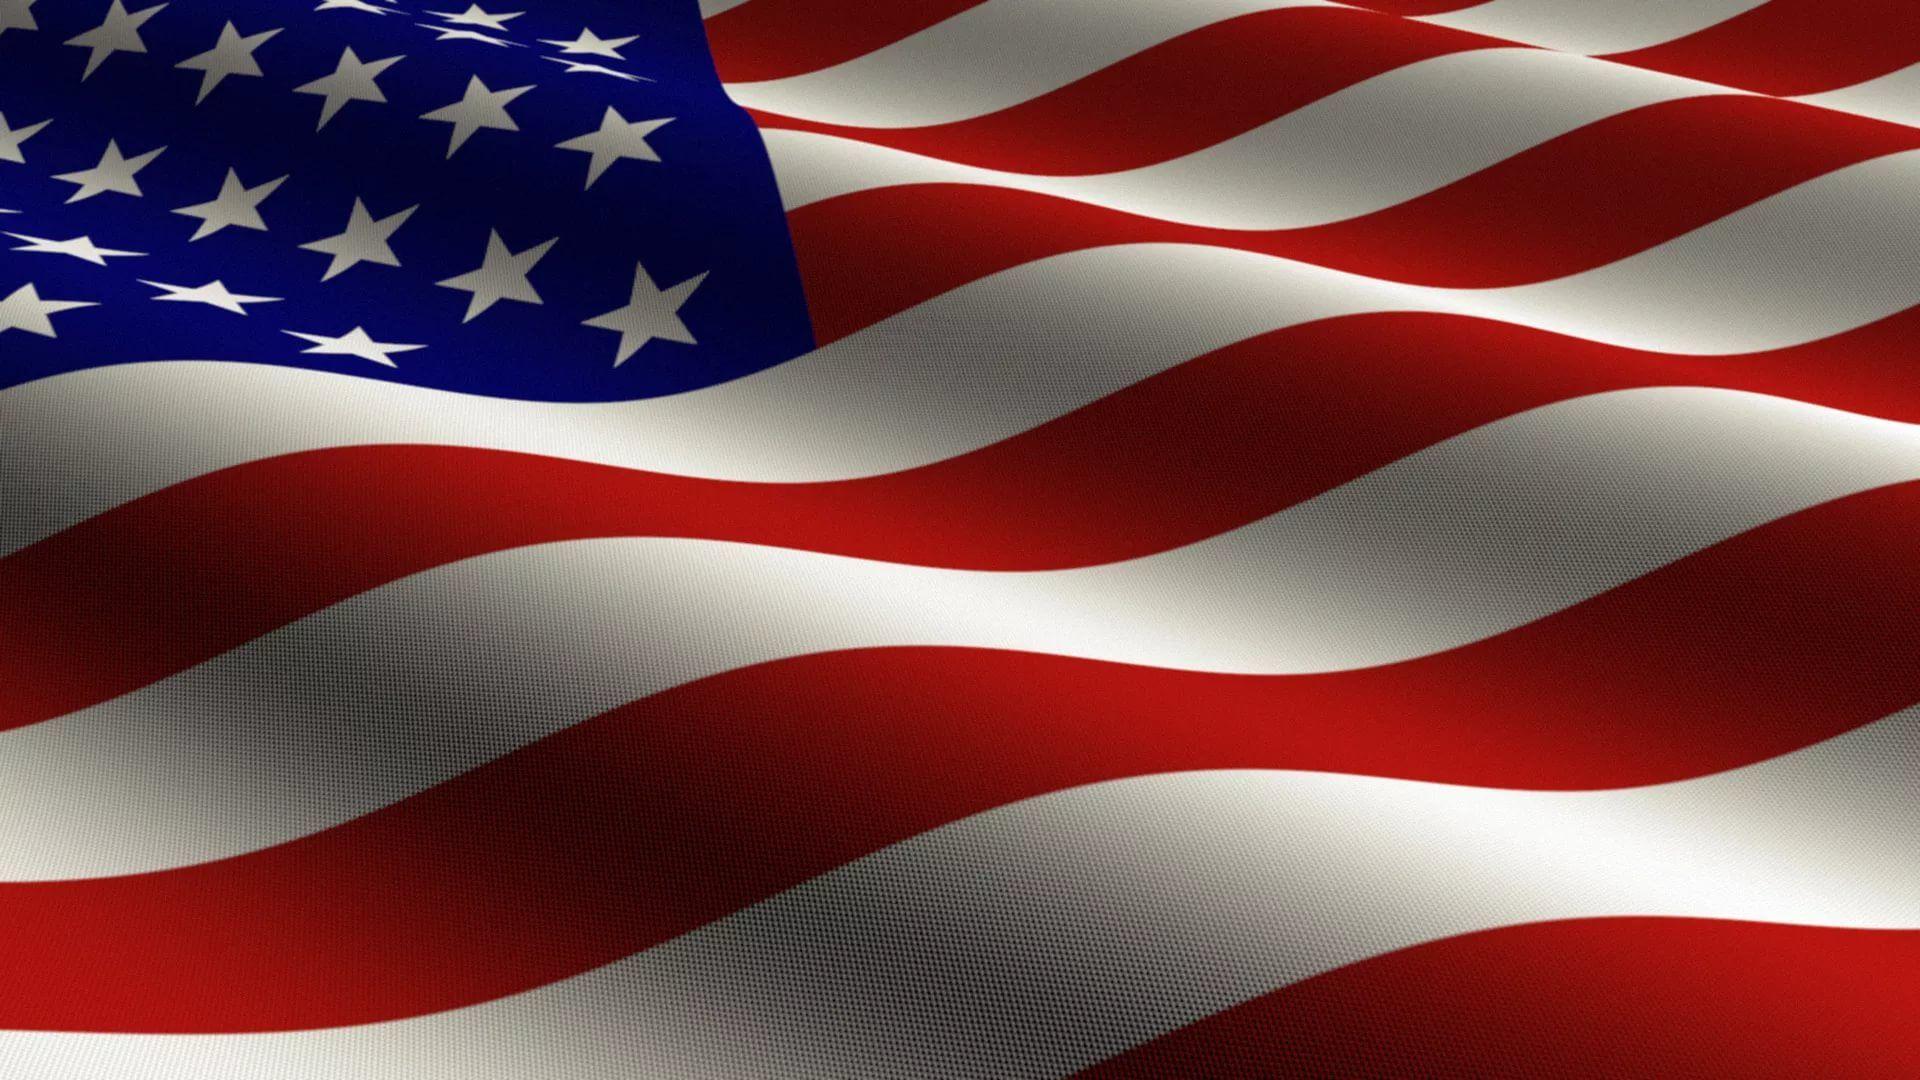 America Flag full wallpaper